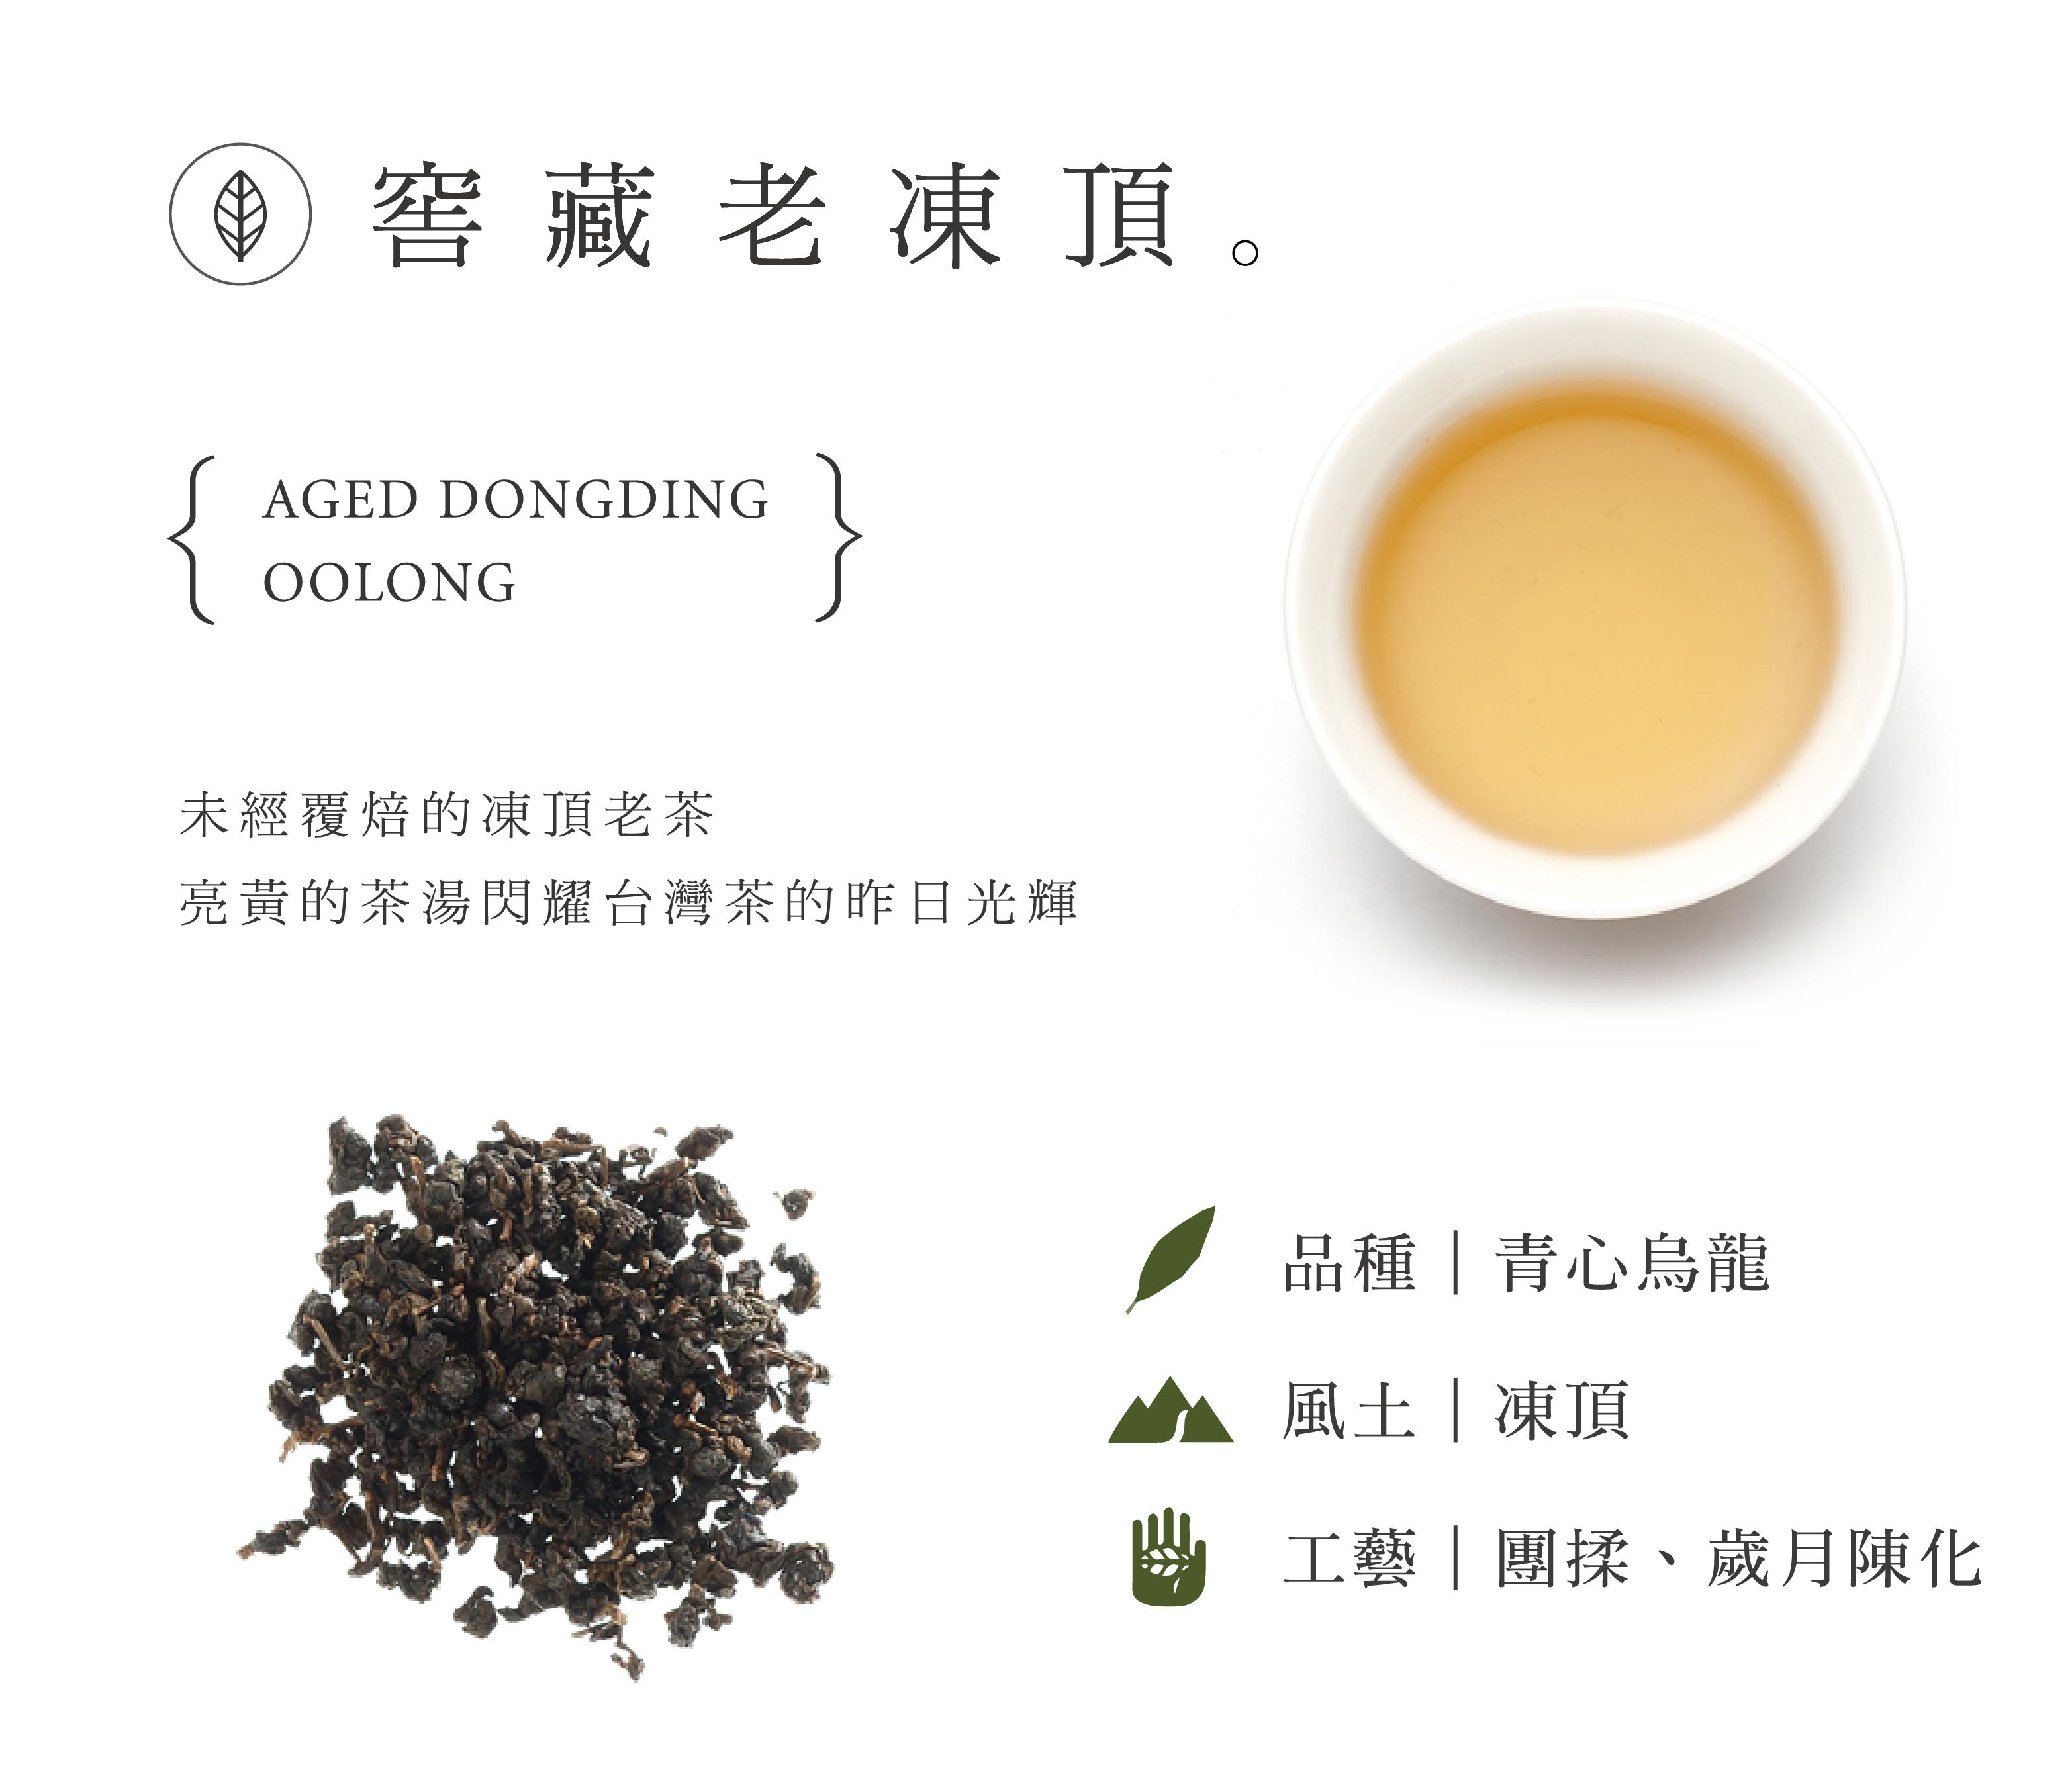 窖藏老凍頂 未經覆焙的凍頂老茶 亮黃的茶湯閃耀台灣茶的昨日光輝